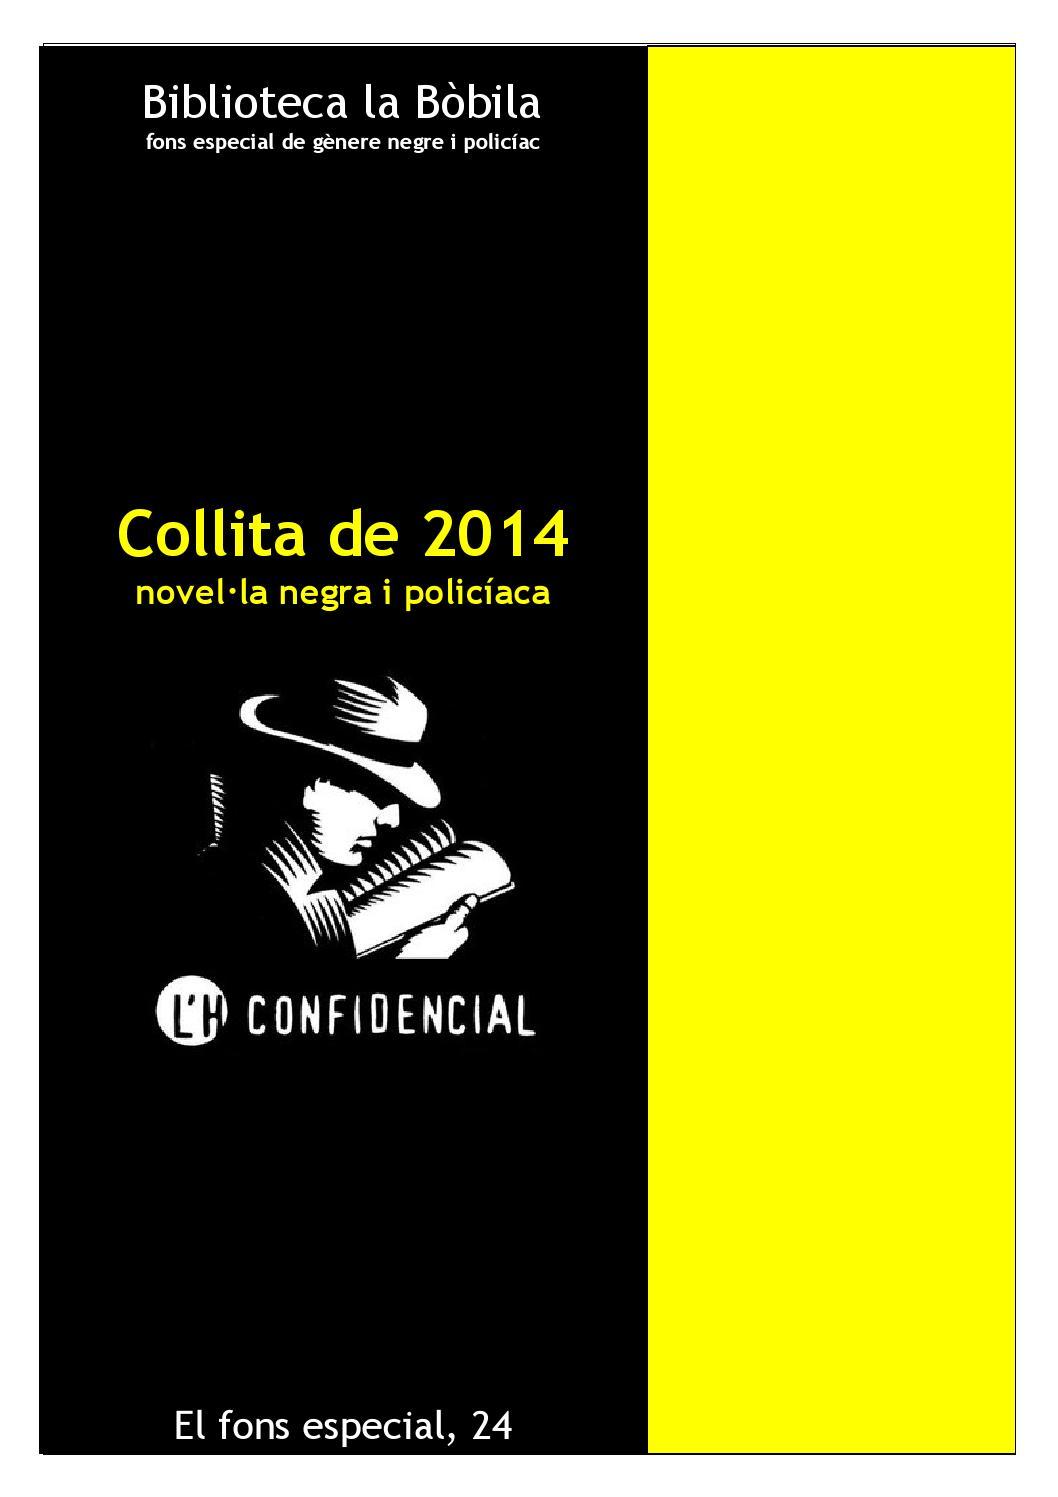 Collita De 2014 Novel La Negra I Policiaca By Biblioteca De  # Muebles Salvany Teixido